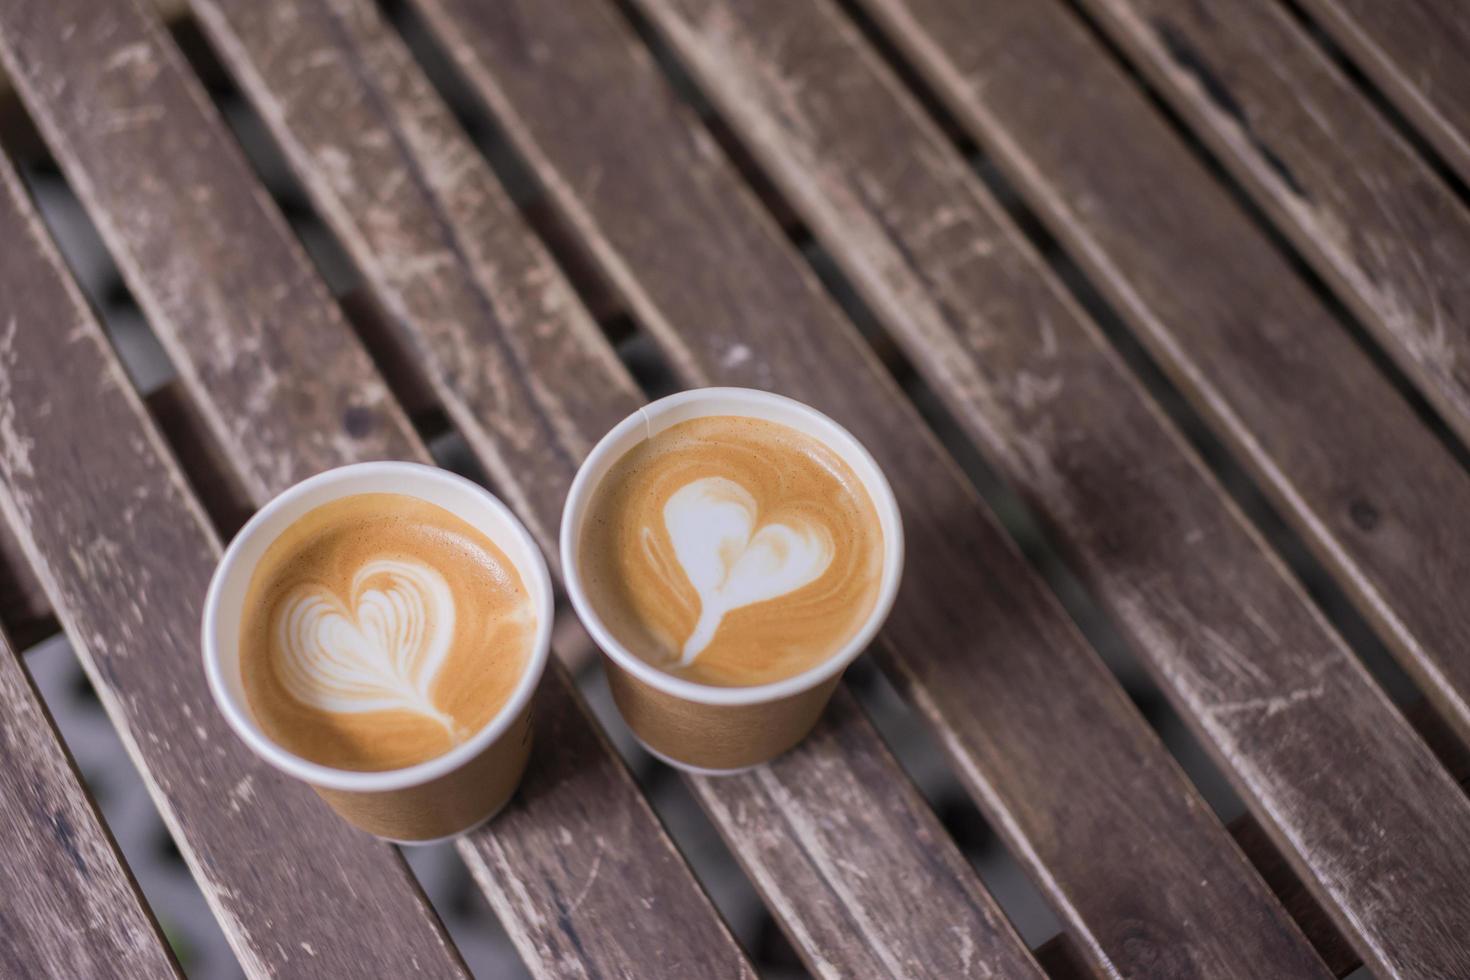 due lattes sul tavolo di legno foto